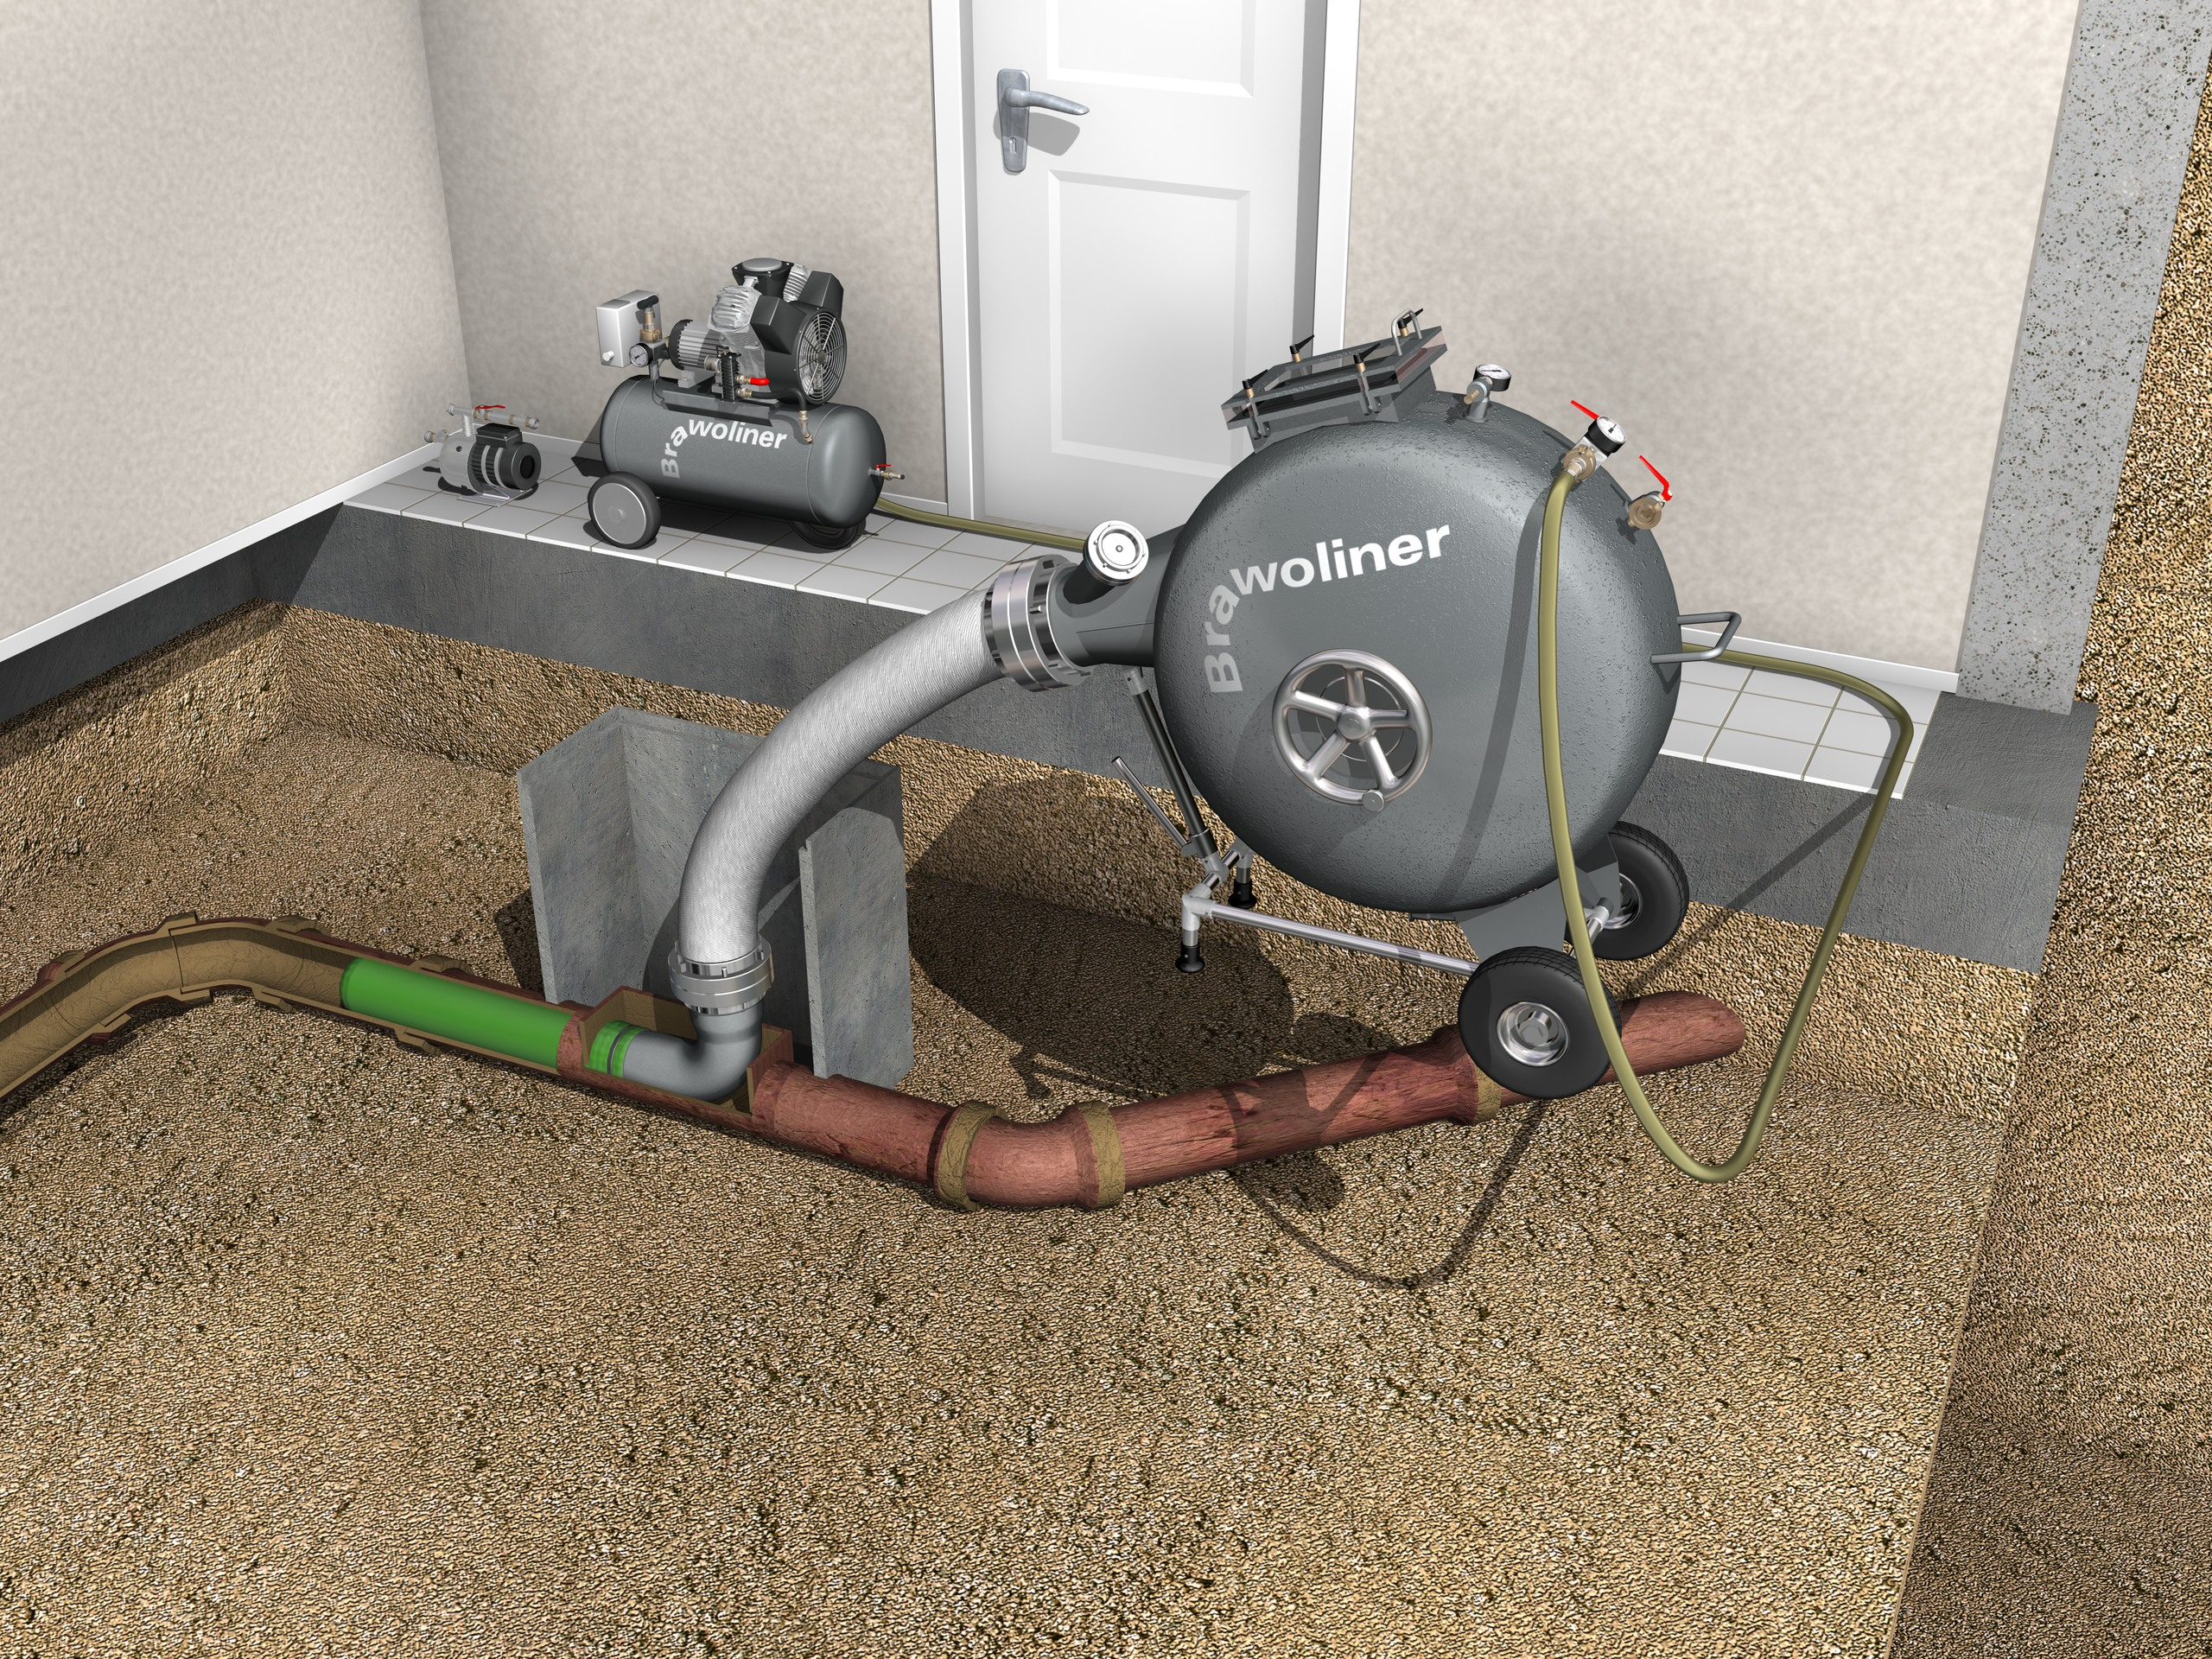 abfluss wagner rohrreinigung und kanalreinigung in neresheim heidenheim aalen donauw rth. Black Bedroom Furniture Sets. Home Design Ideas